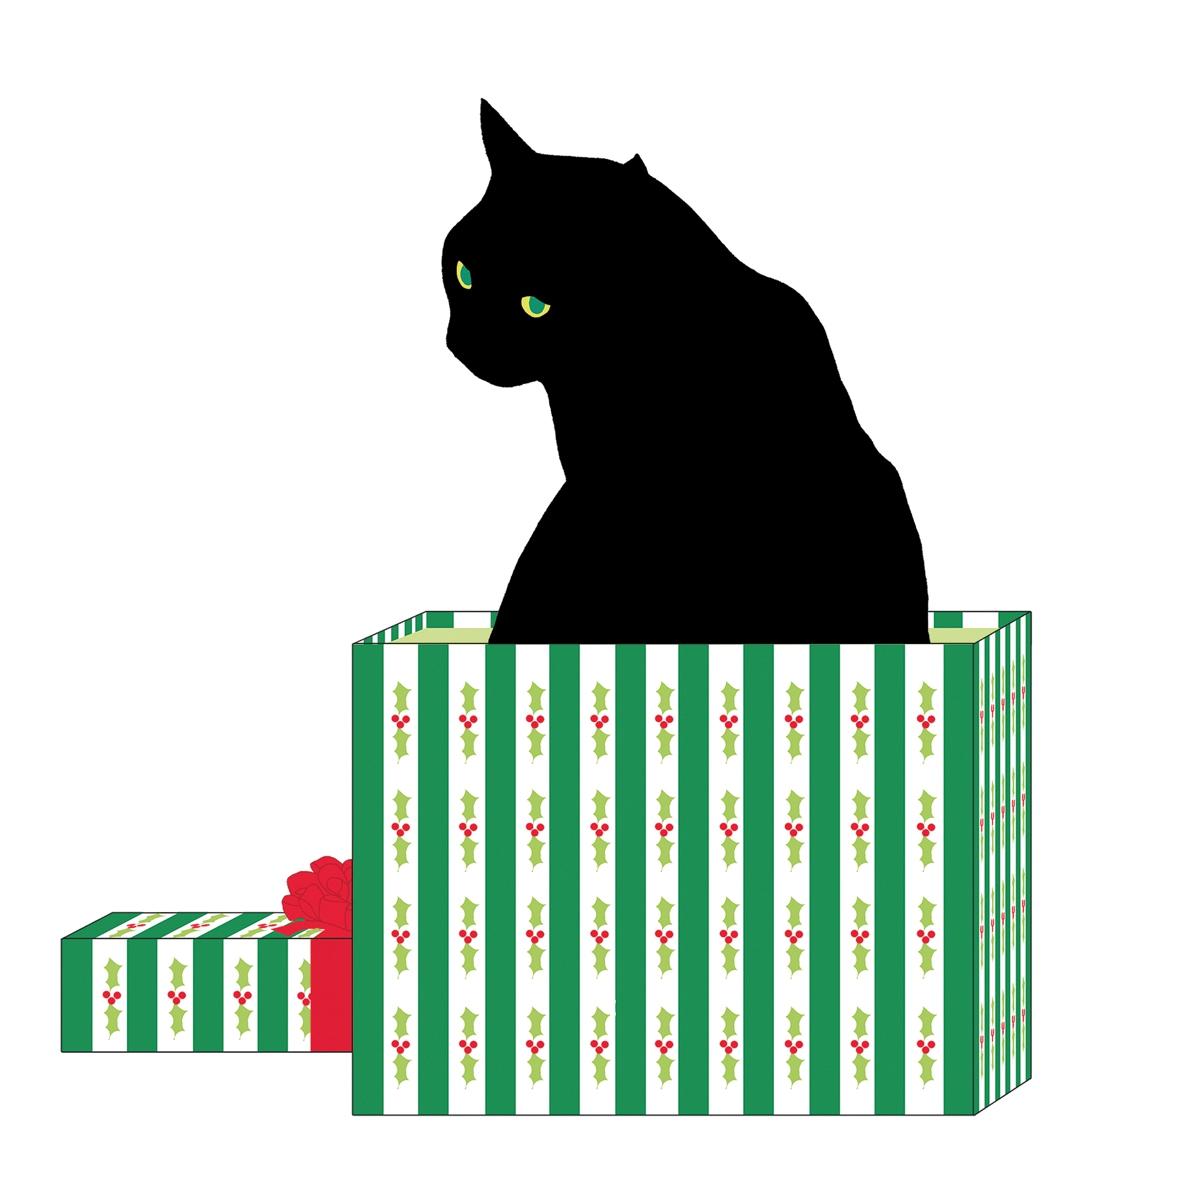 Футболка Черная кошка купить в Москве: цены 48